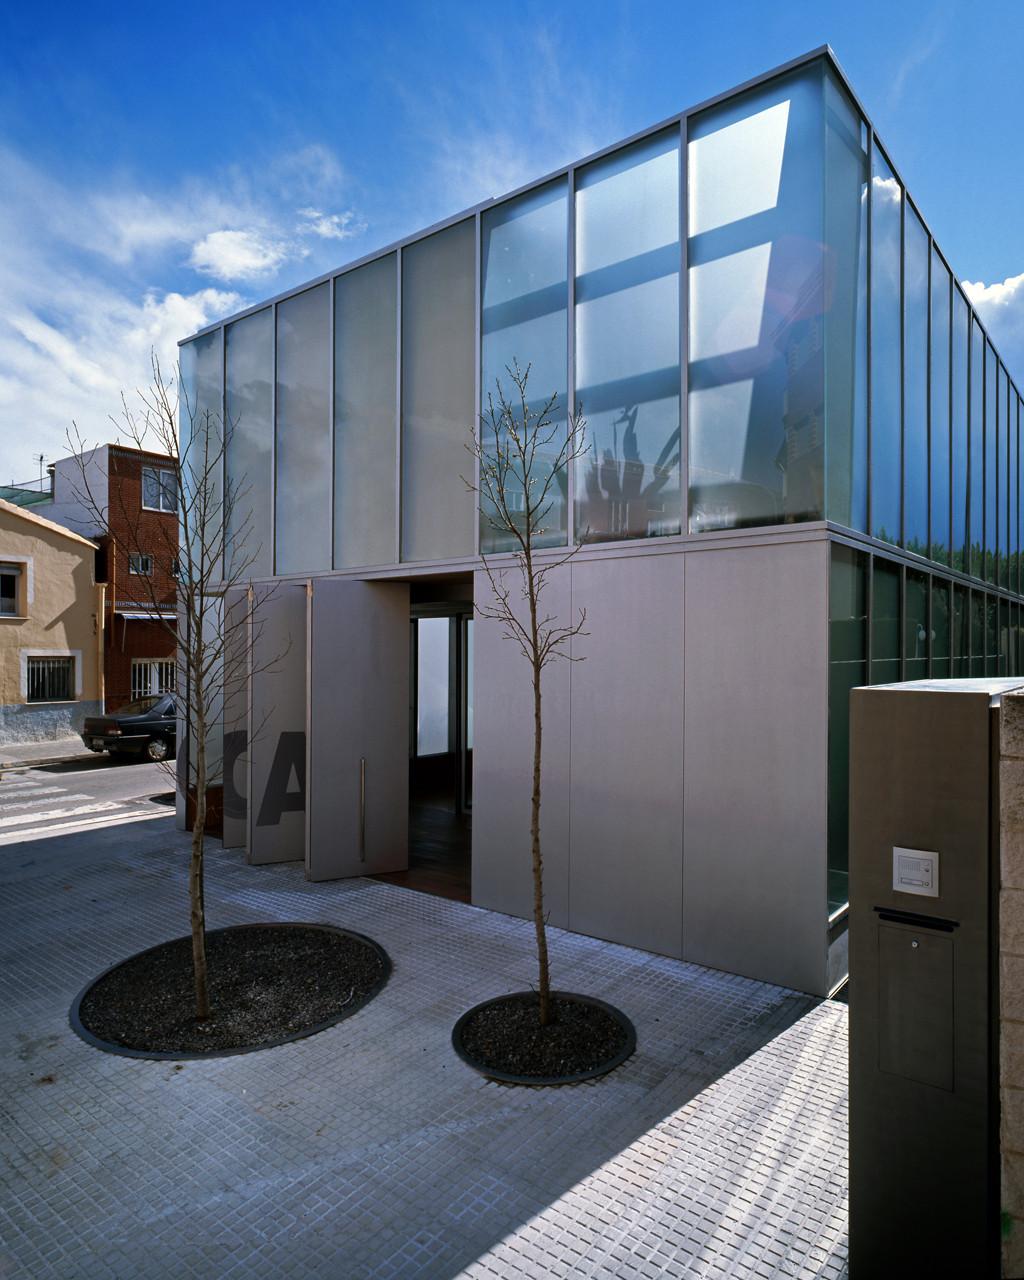 Sede del colegio de arquitectos de la safor orts - Colegio de arquitectos de lleida ...